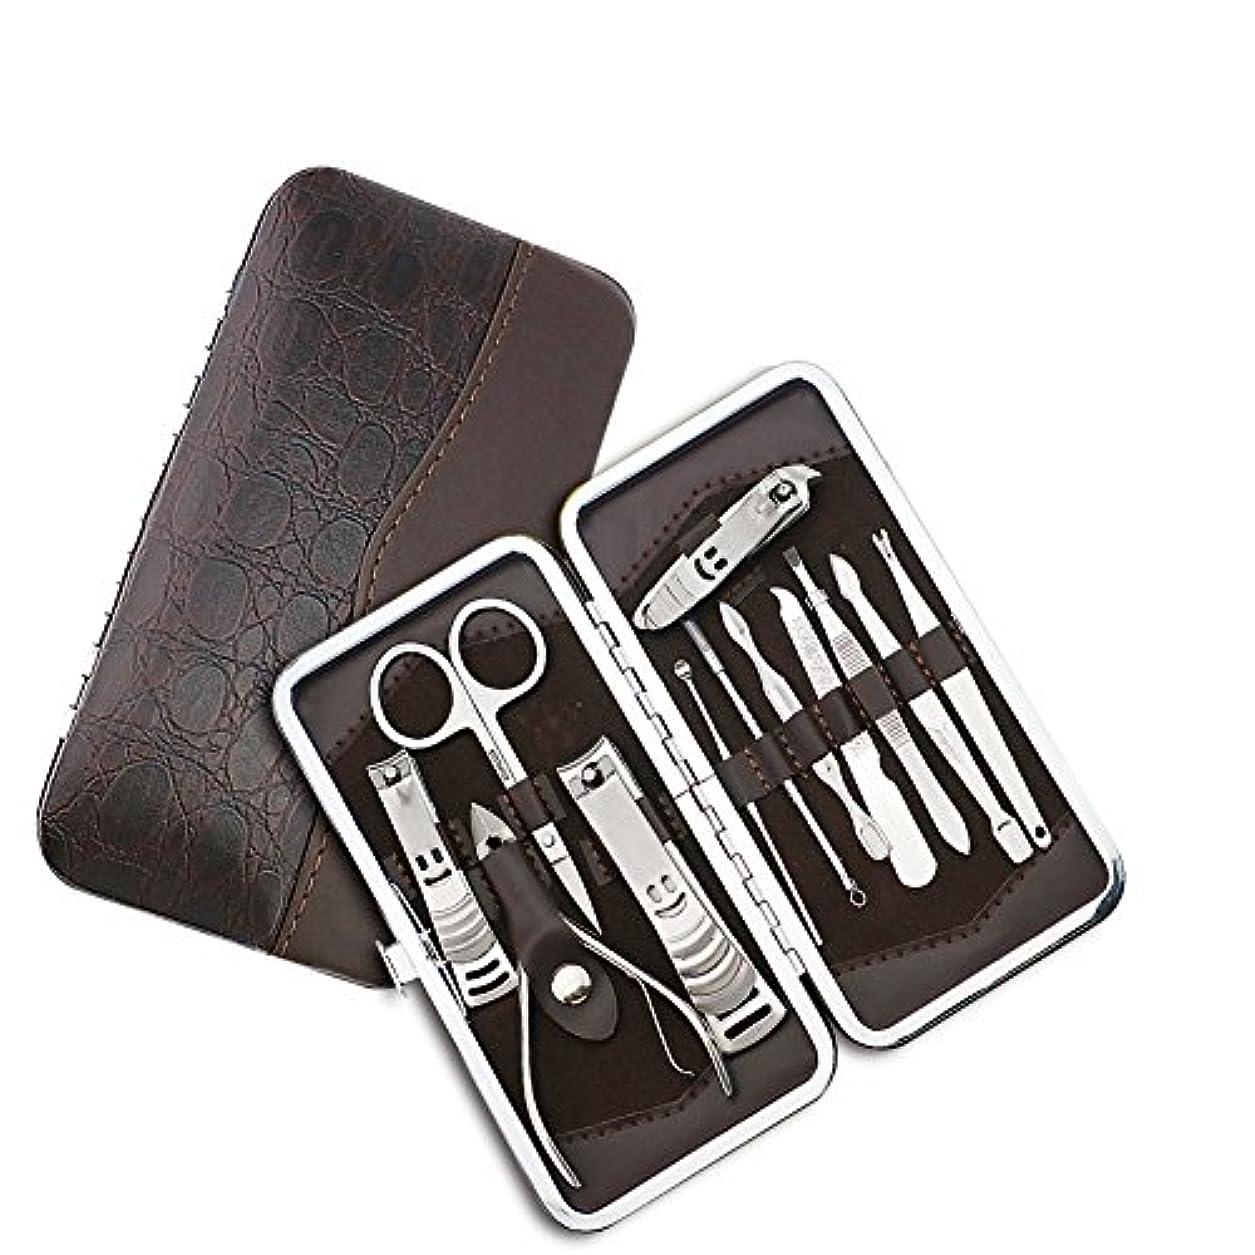 カーペット自治和らげるネイルはさみネイルクリッパートラベルセット、プロフェッショナルステンレスネイルケアセットベビーセーフネイルクリッパーパーソナルマニキュアセットペディキュアセットは、男性と女性のための指、手足で使用爪切り